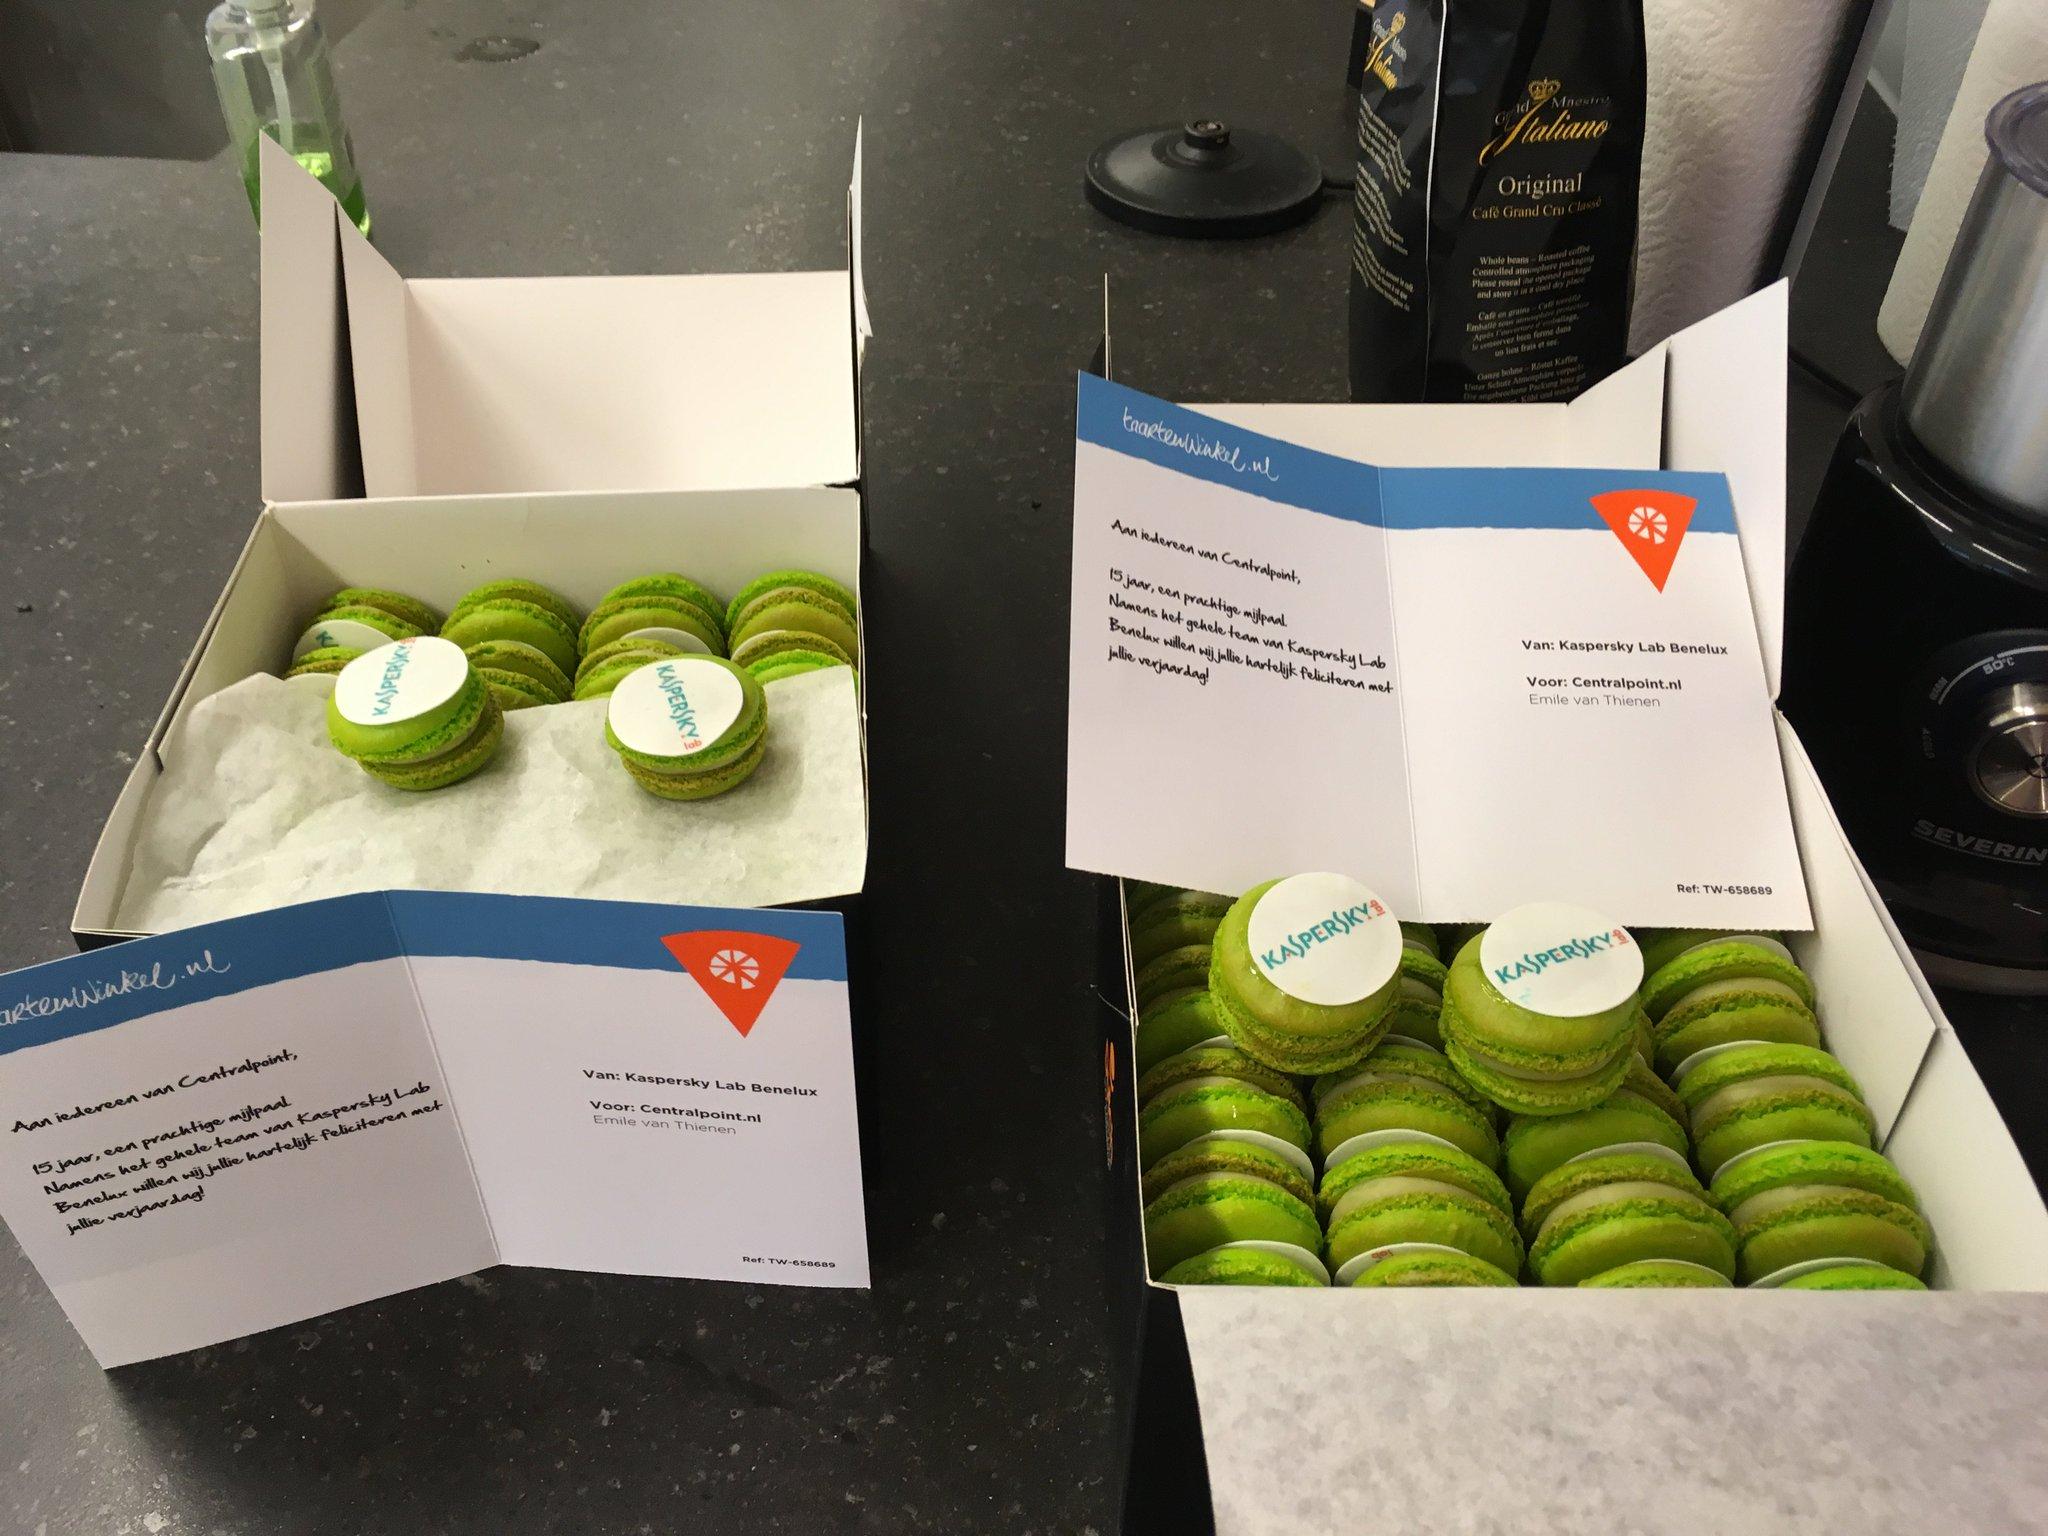 Centralpoint Nederland On Twitter Bedankt Voor De Lekkere Macarons